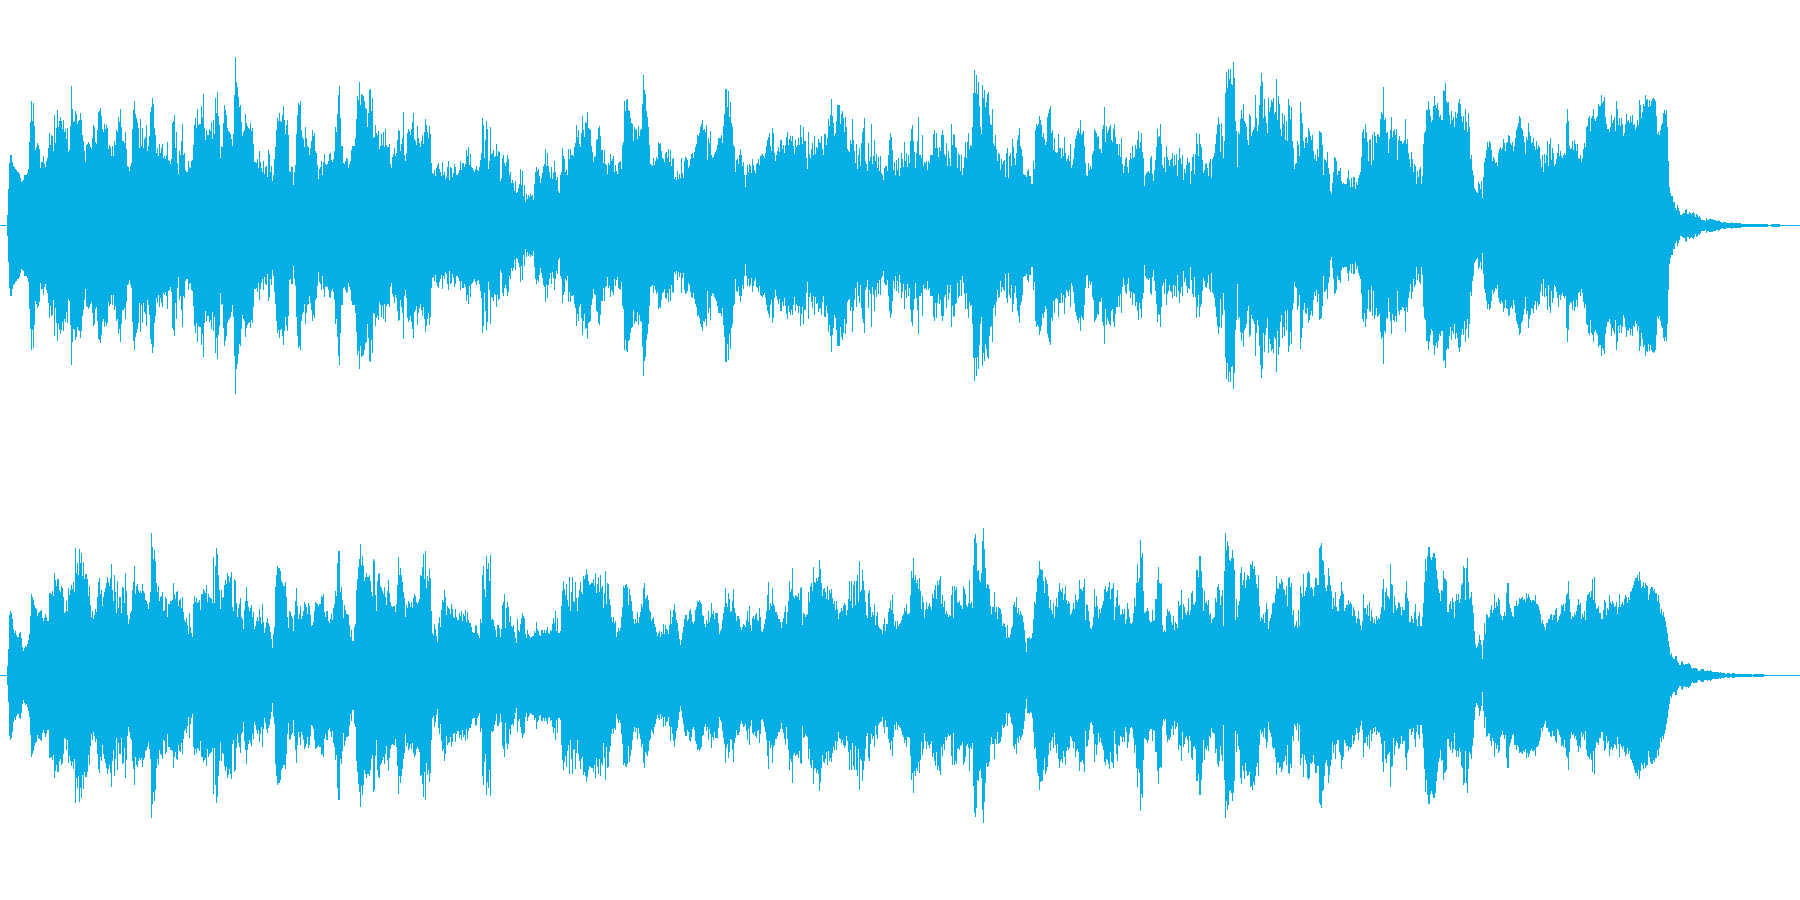 オルガンによるオランダ風ワルツの再生済みの波形